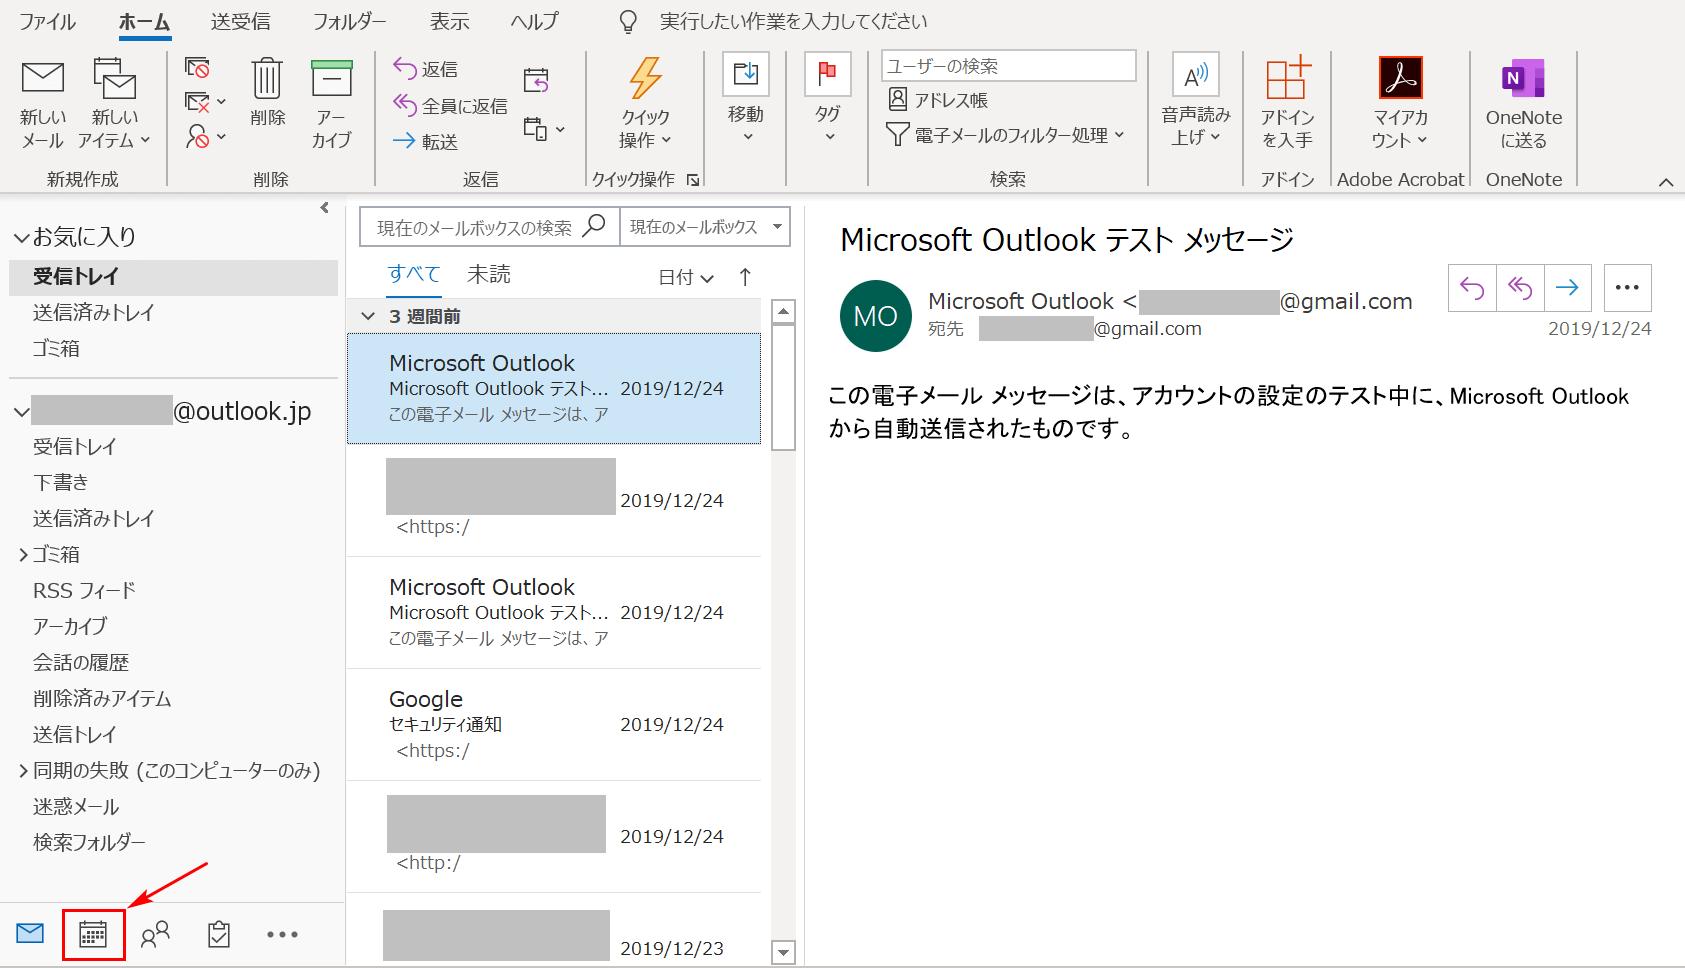 Outlook 予定 表 表示 されない マネージャーのチームの予定表が表示されない